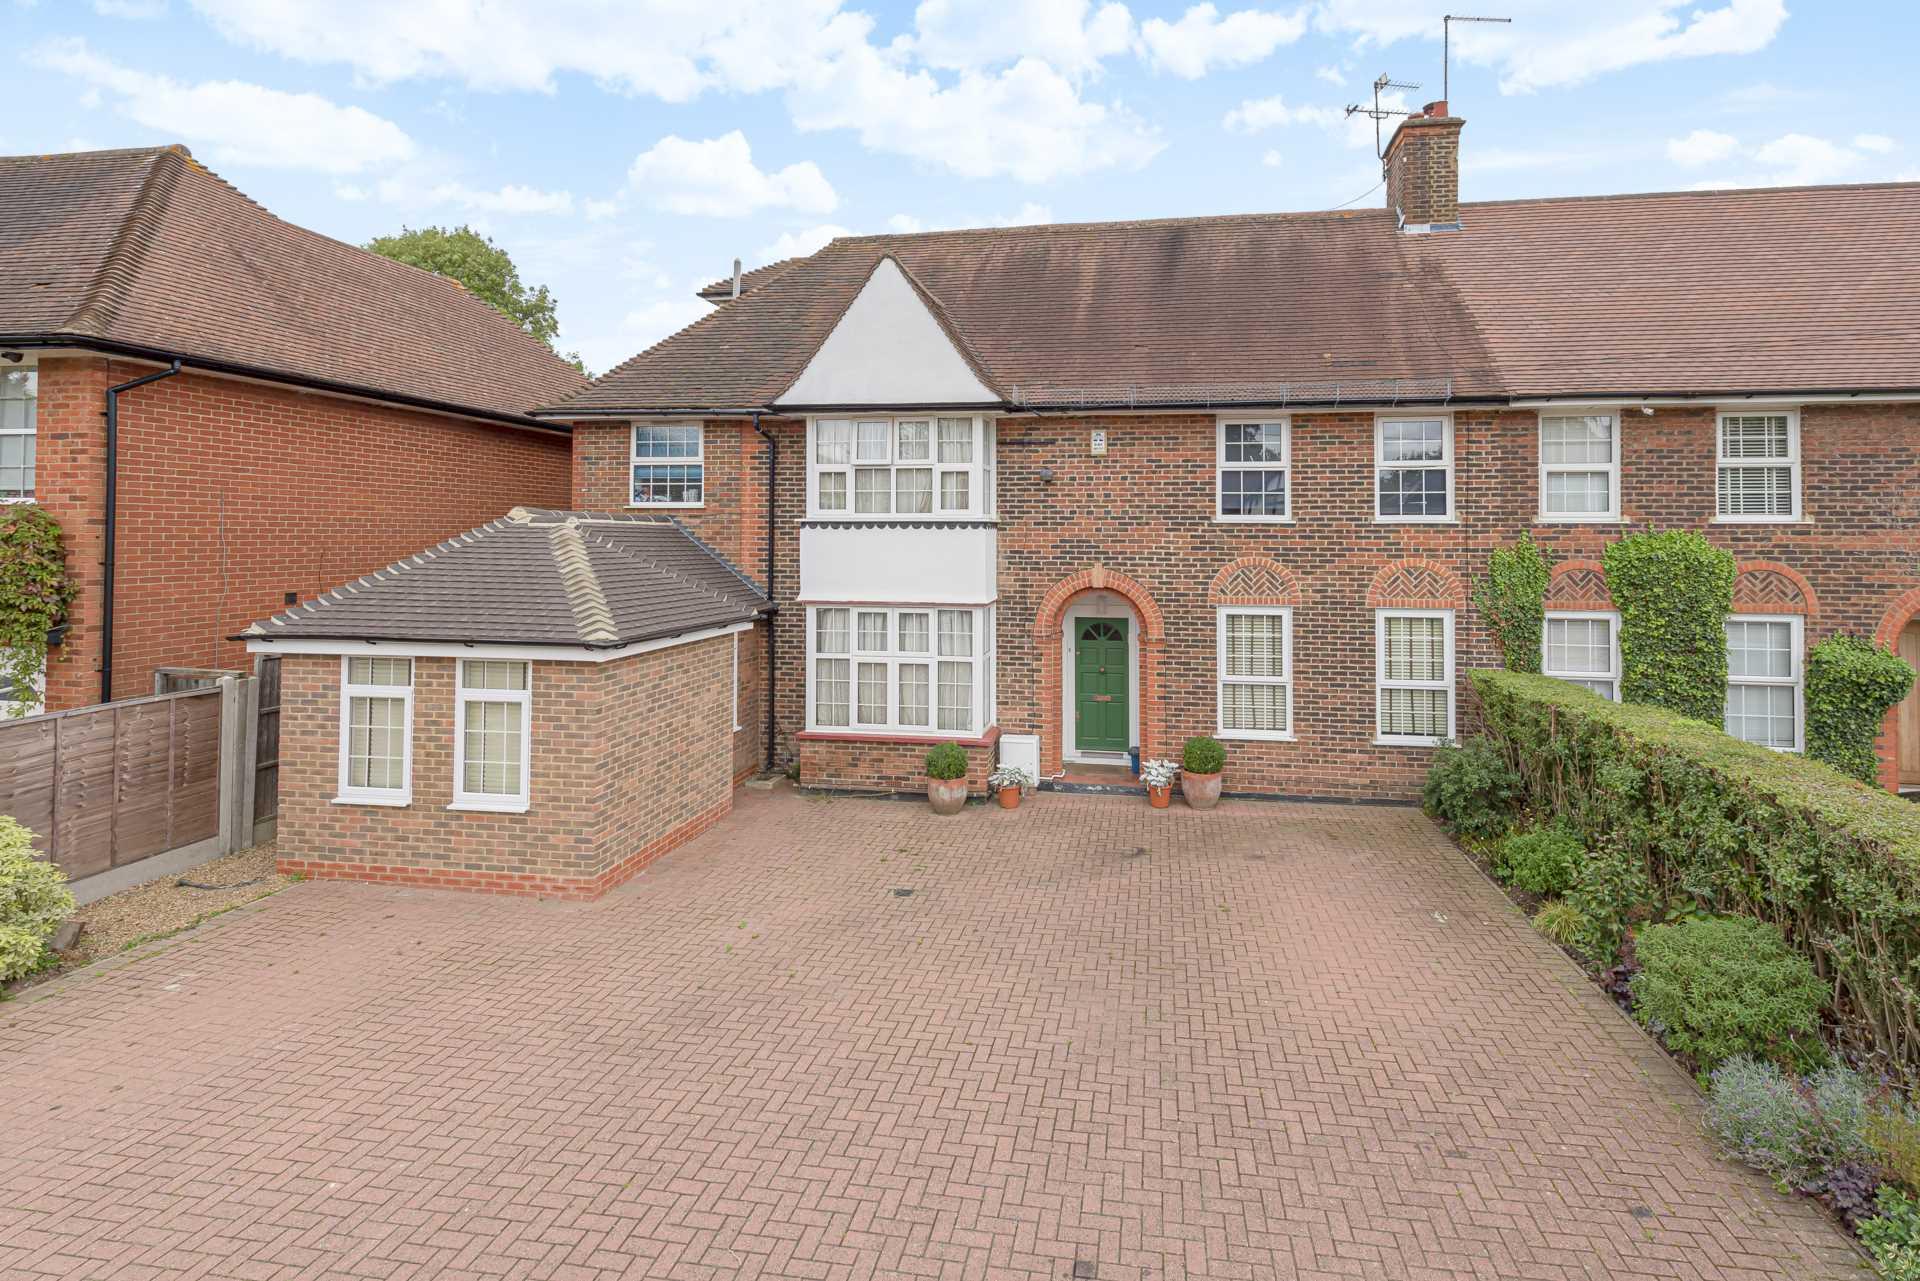 Deacons Hill Road, Elstree, Image 1